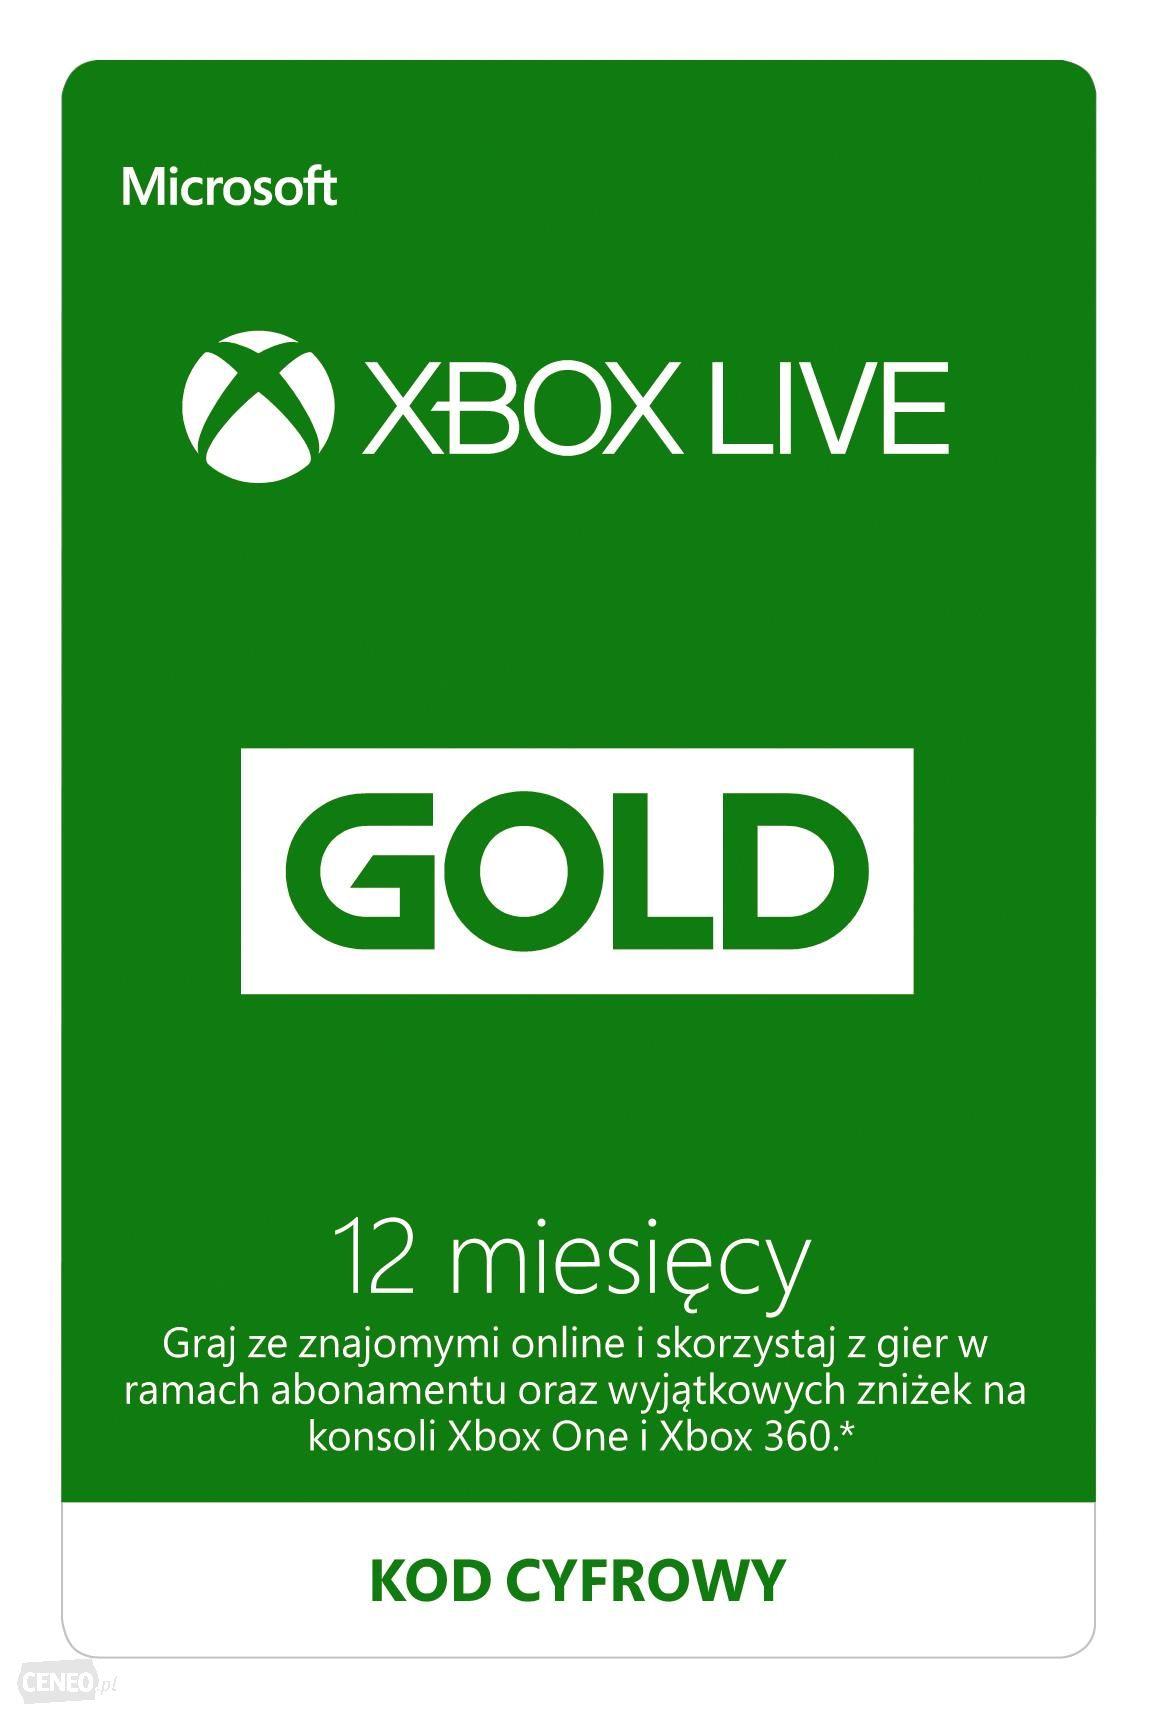 Xbox Live Gold 12 miesięcy ze słonecznej Brazylii za $30.97